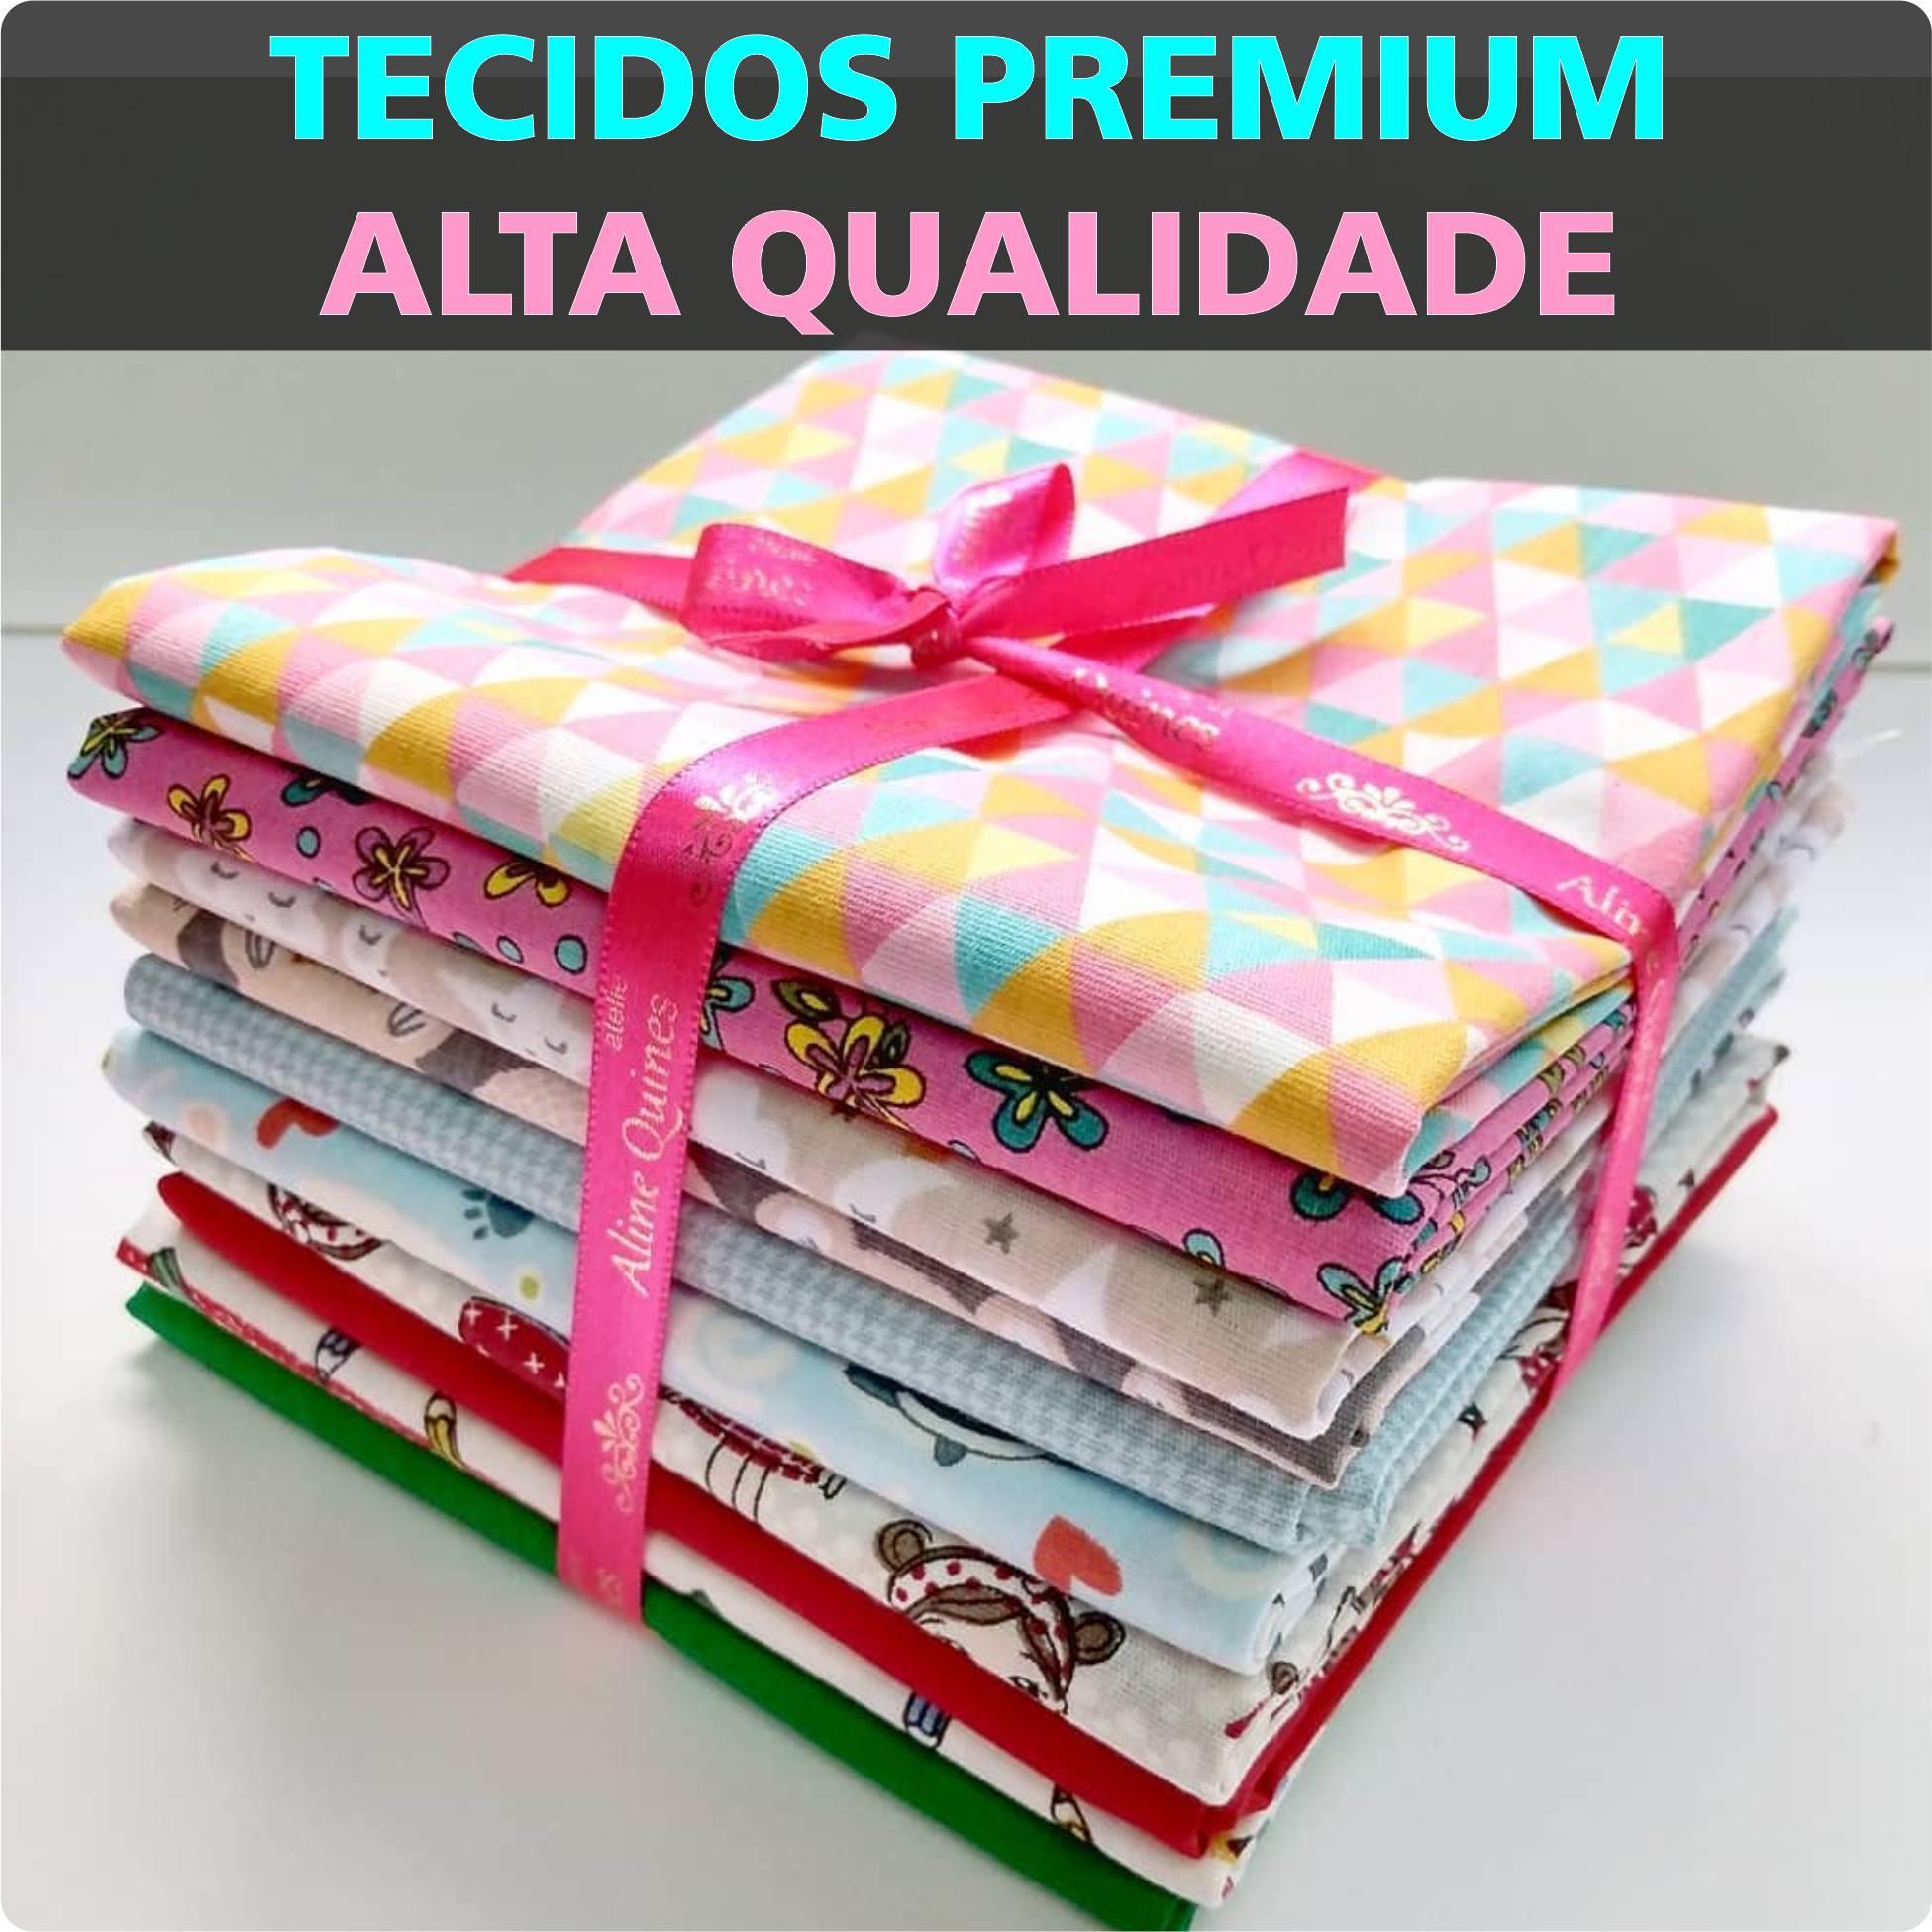 FERNANDO MALUHY - Xadrez Colorido Coleção Joy - 25cmX150cm - Tecido Tricoline